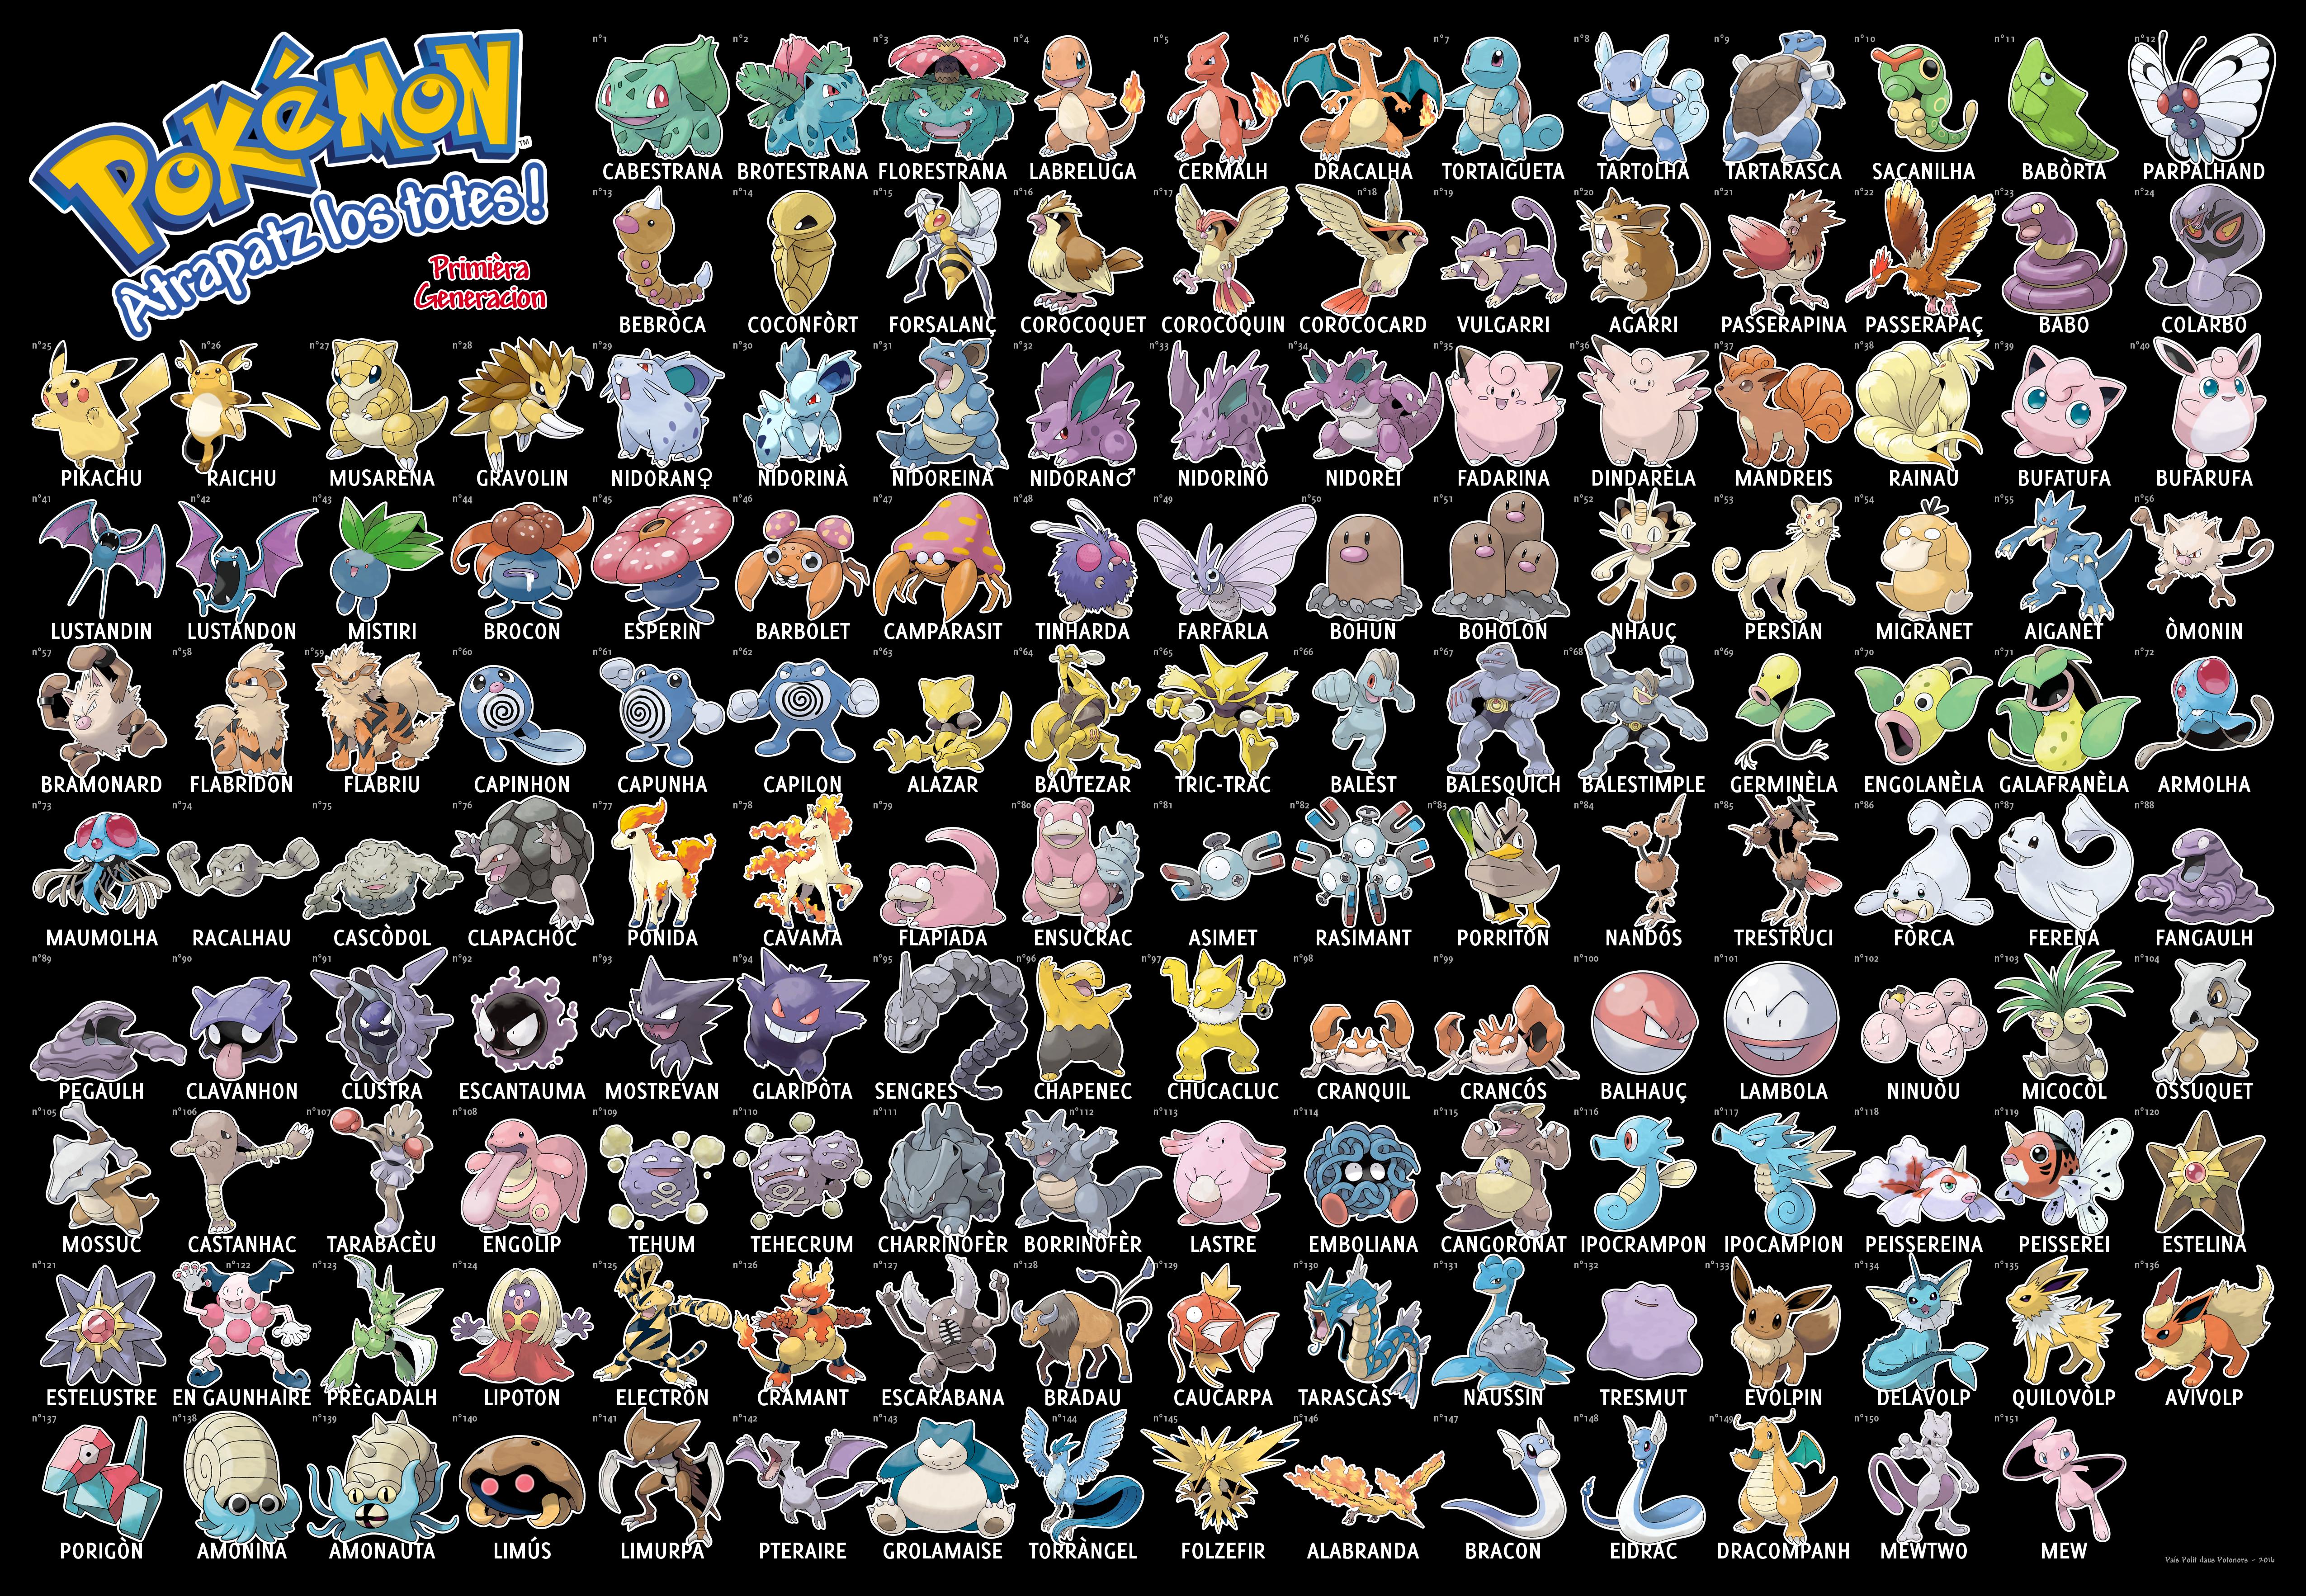 Pokemon Occitan Primièra Generacion